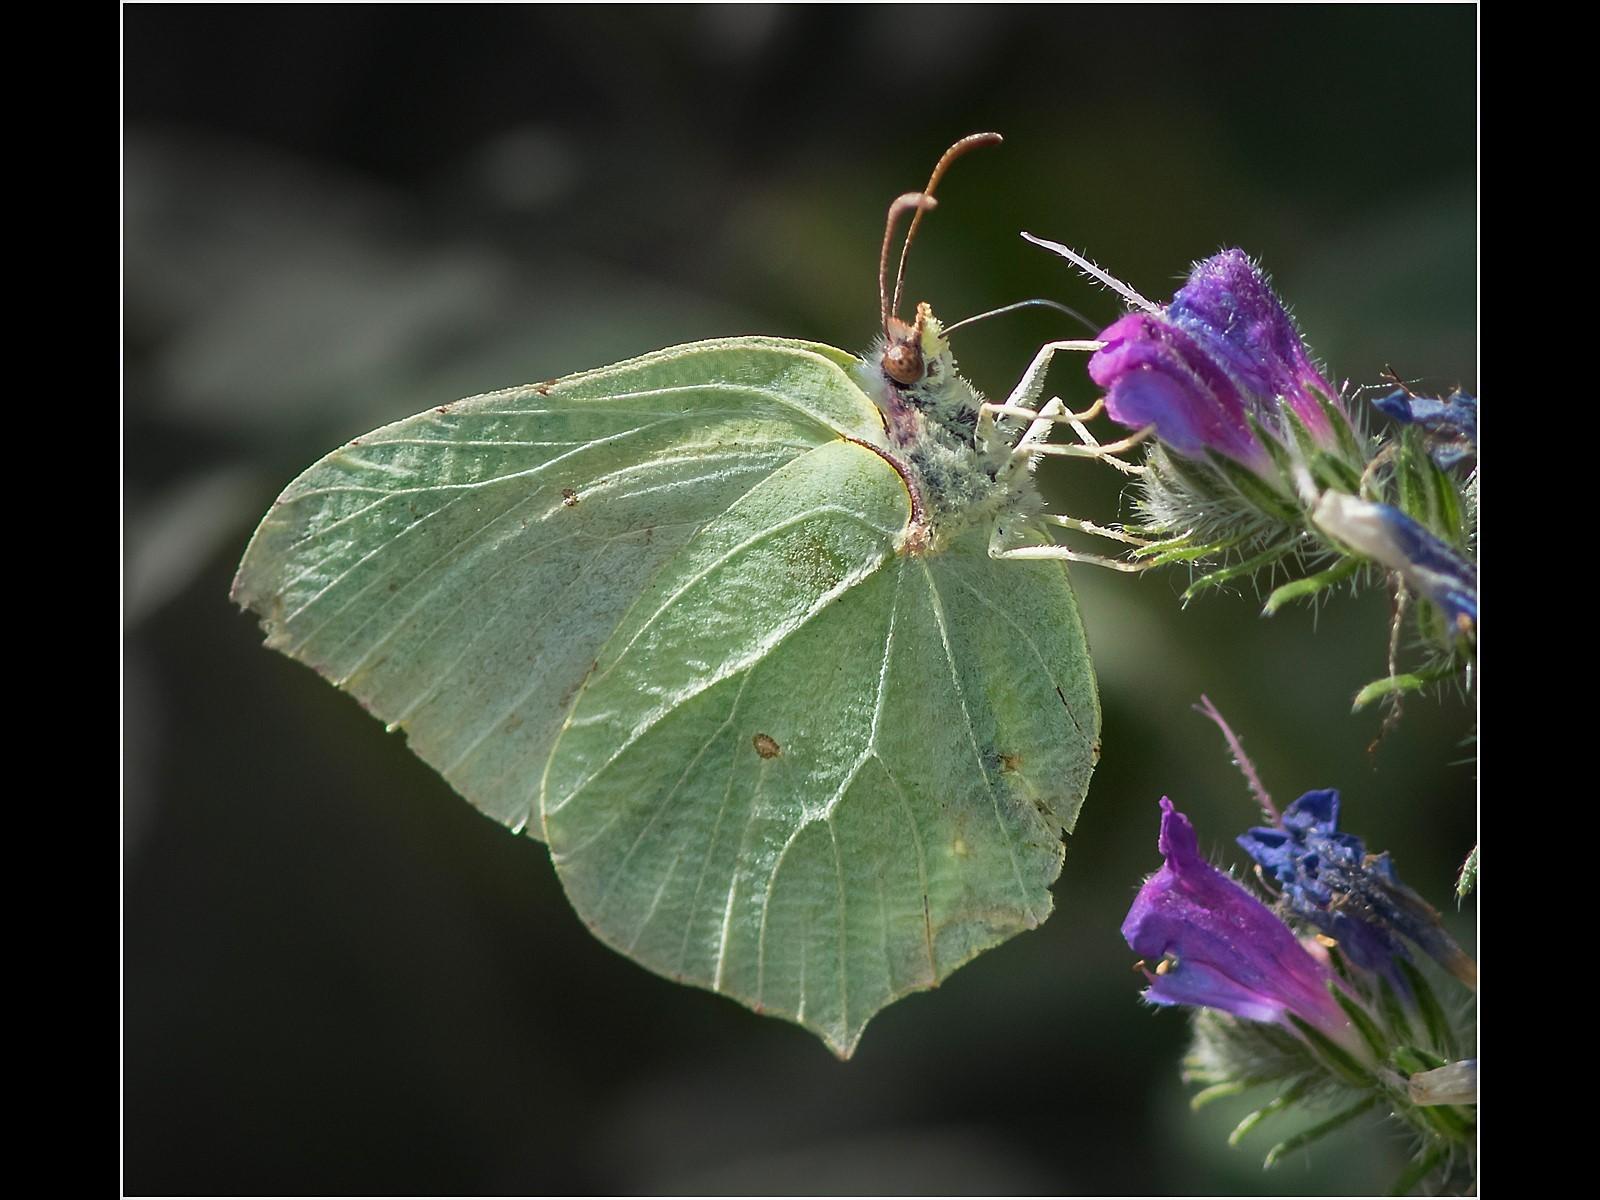 Brimstone Butterfly Feeding on Wild Flower